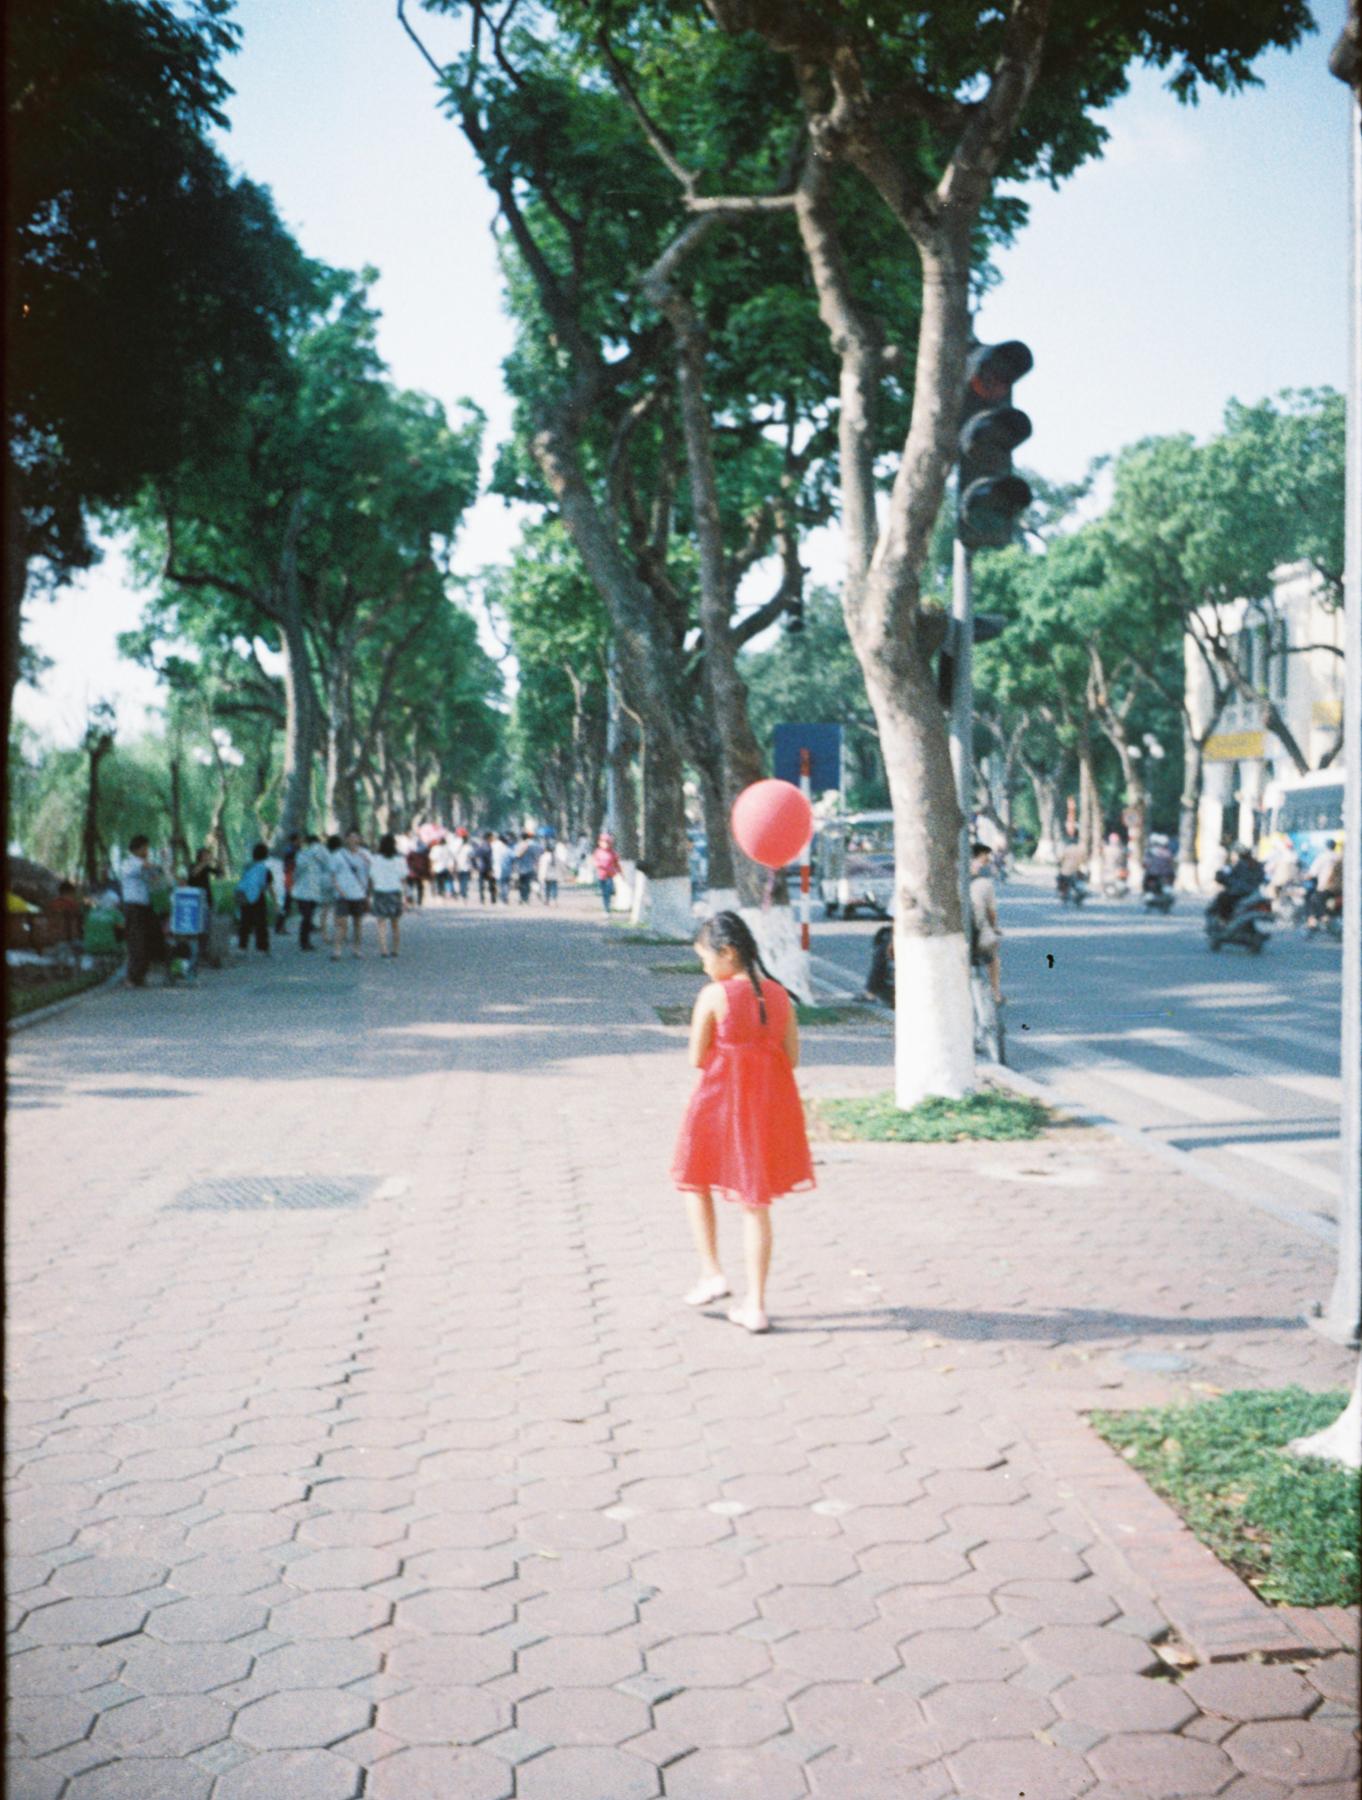 Little | Dzung Tran